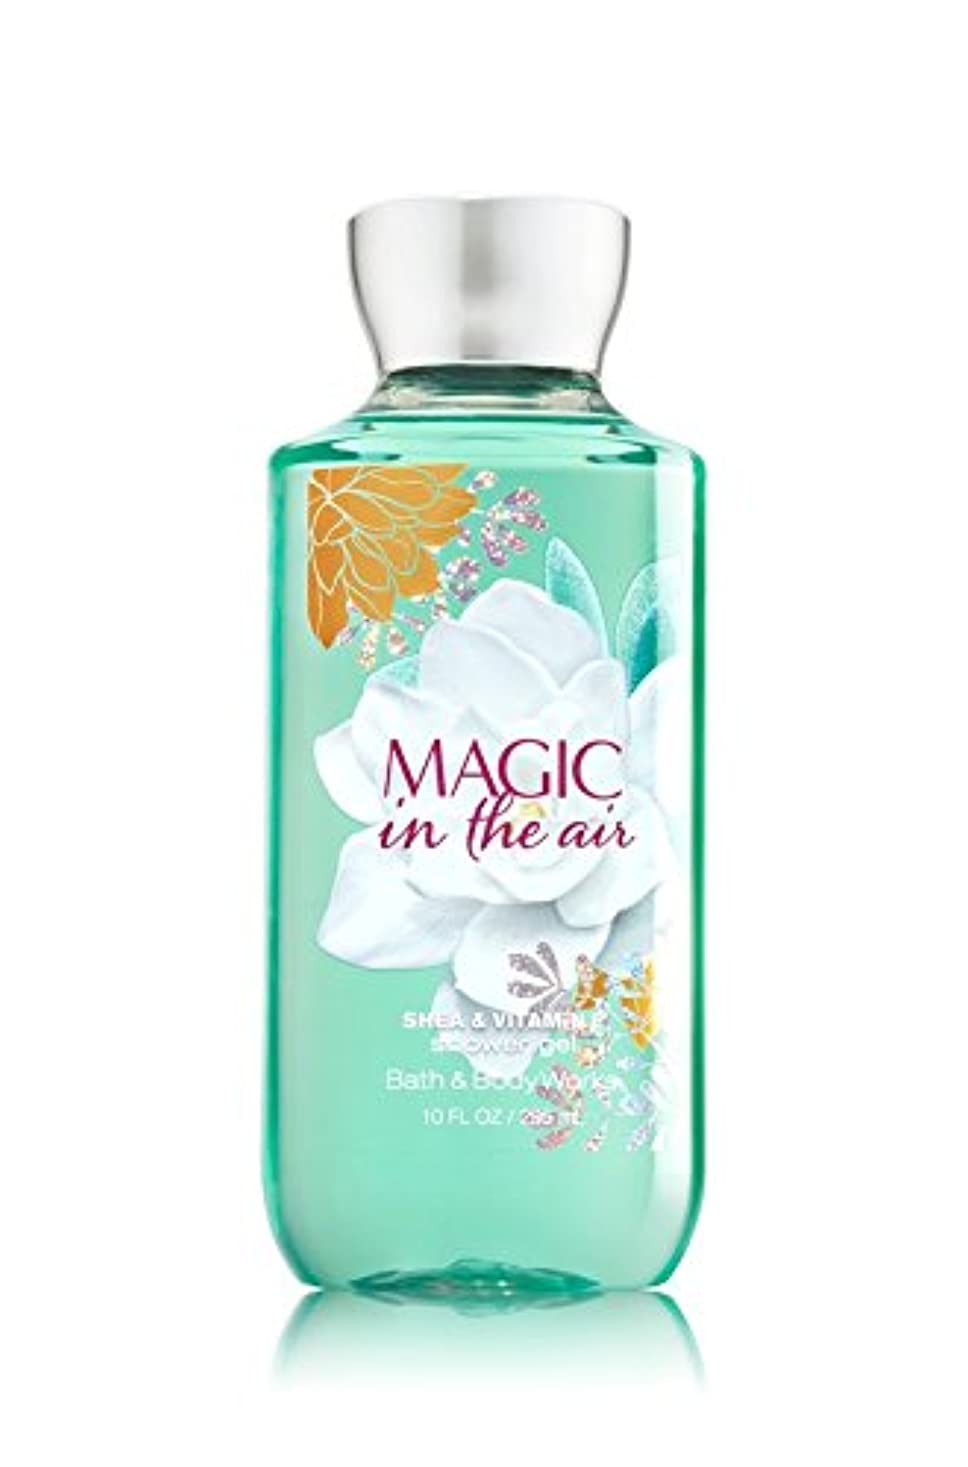 領収書該当する不変【Bath&Body Works/バス&ボディワークス】 シャワージェル マジックインザエアー Shower Gel Magic in the Air 10 fl oz / 295 mL [並行輸入品]